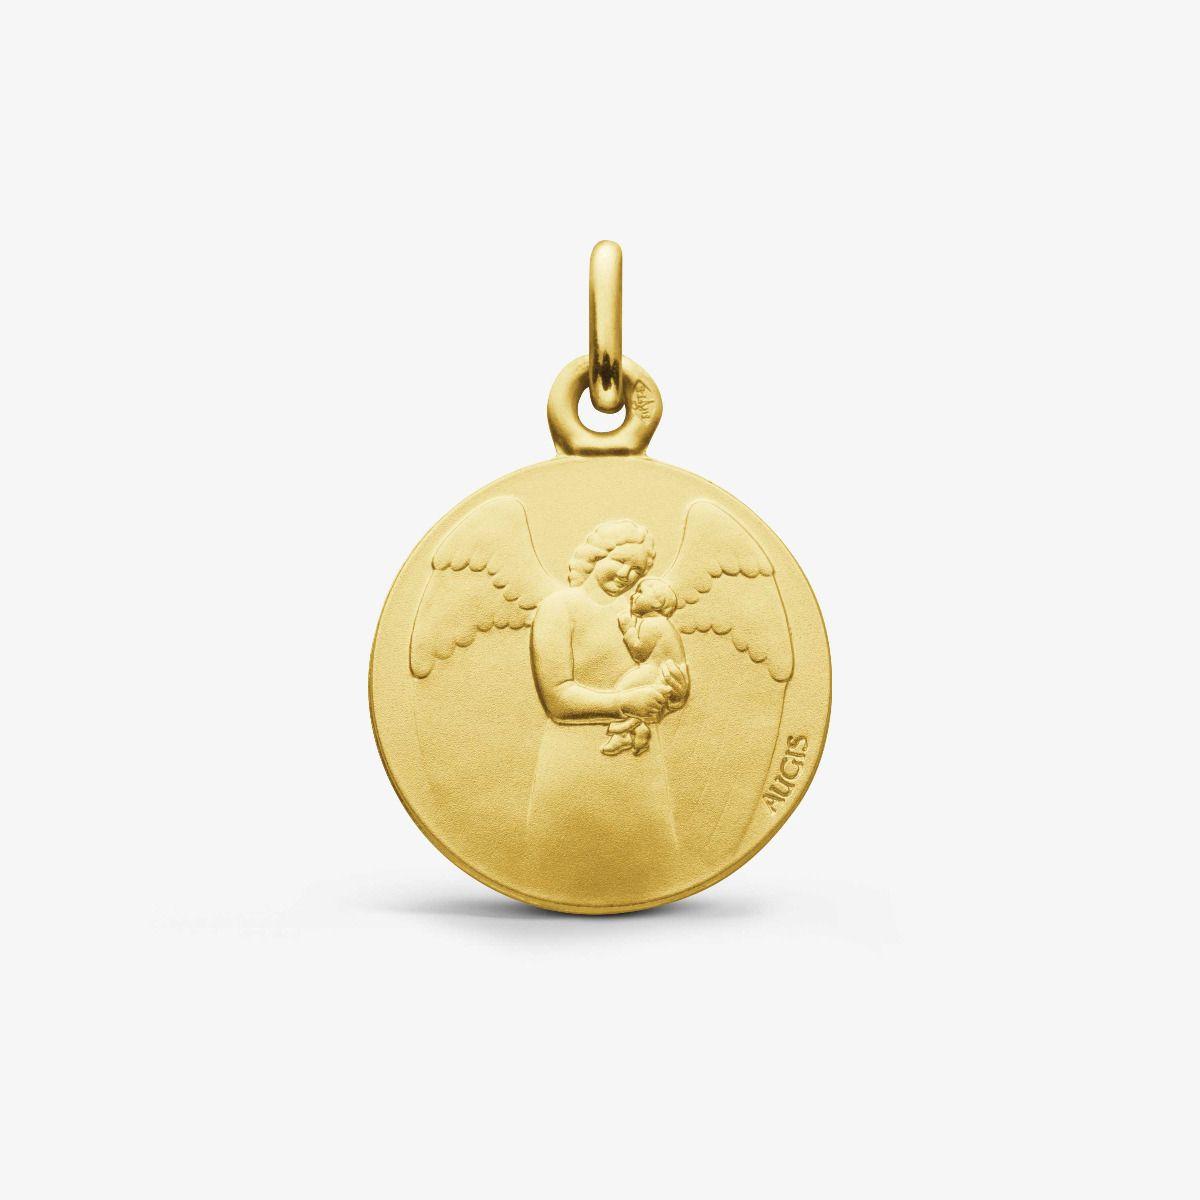 Médaille Ange Gardien Bébé Or Jaune 18 carats - 16 mm